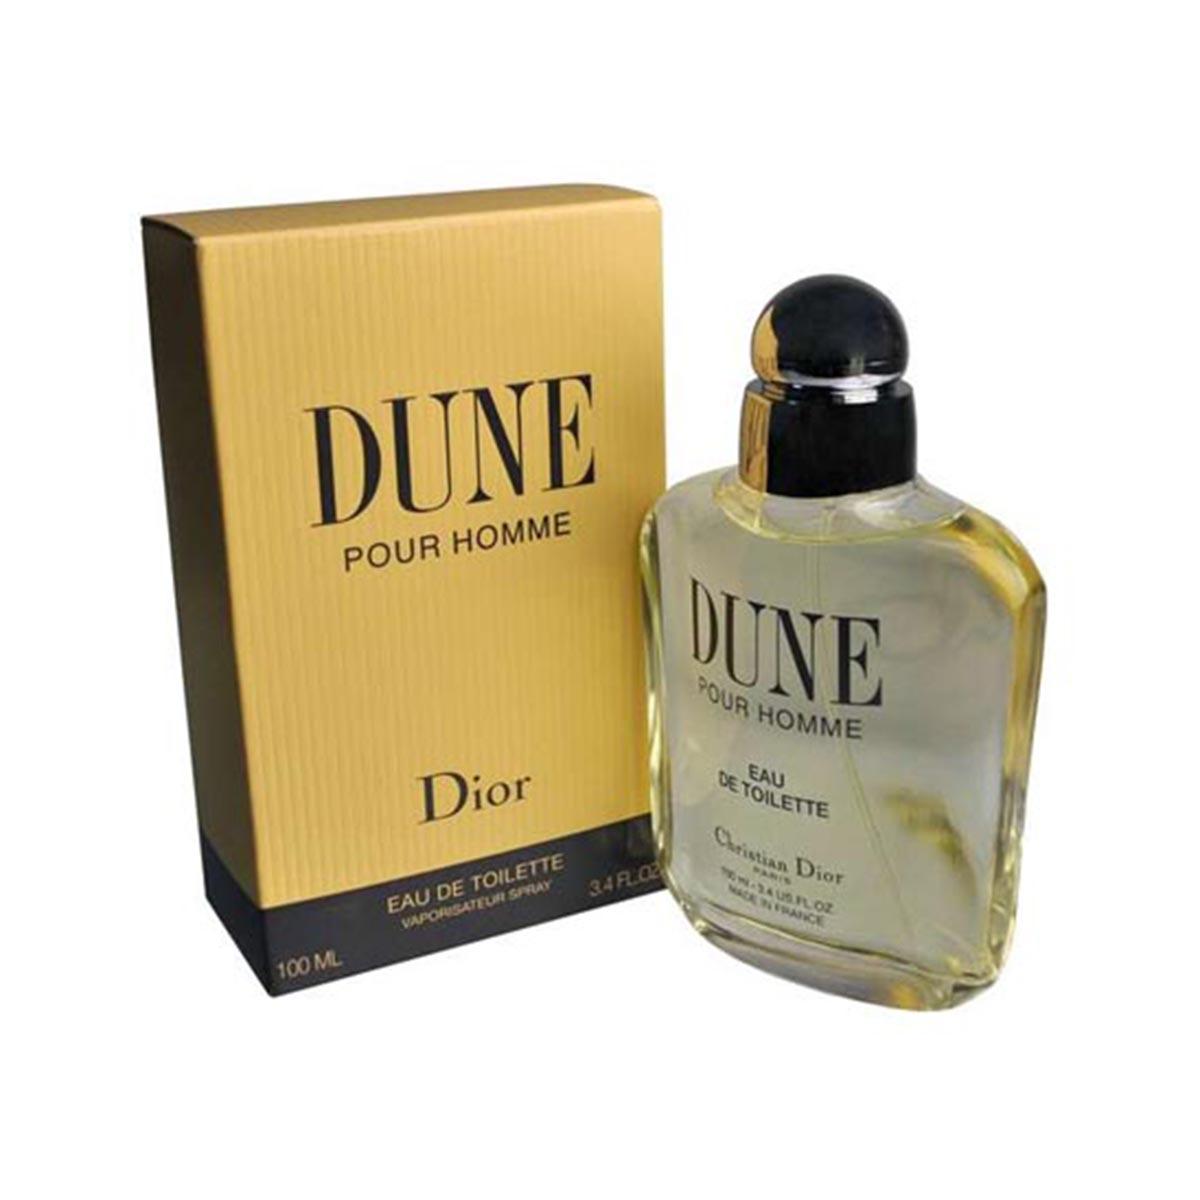 Dior dune pour homme eau de toilette 100ml vpo vaporizador